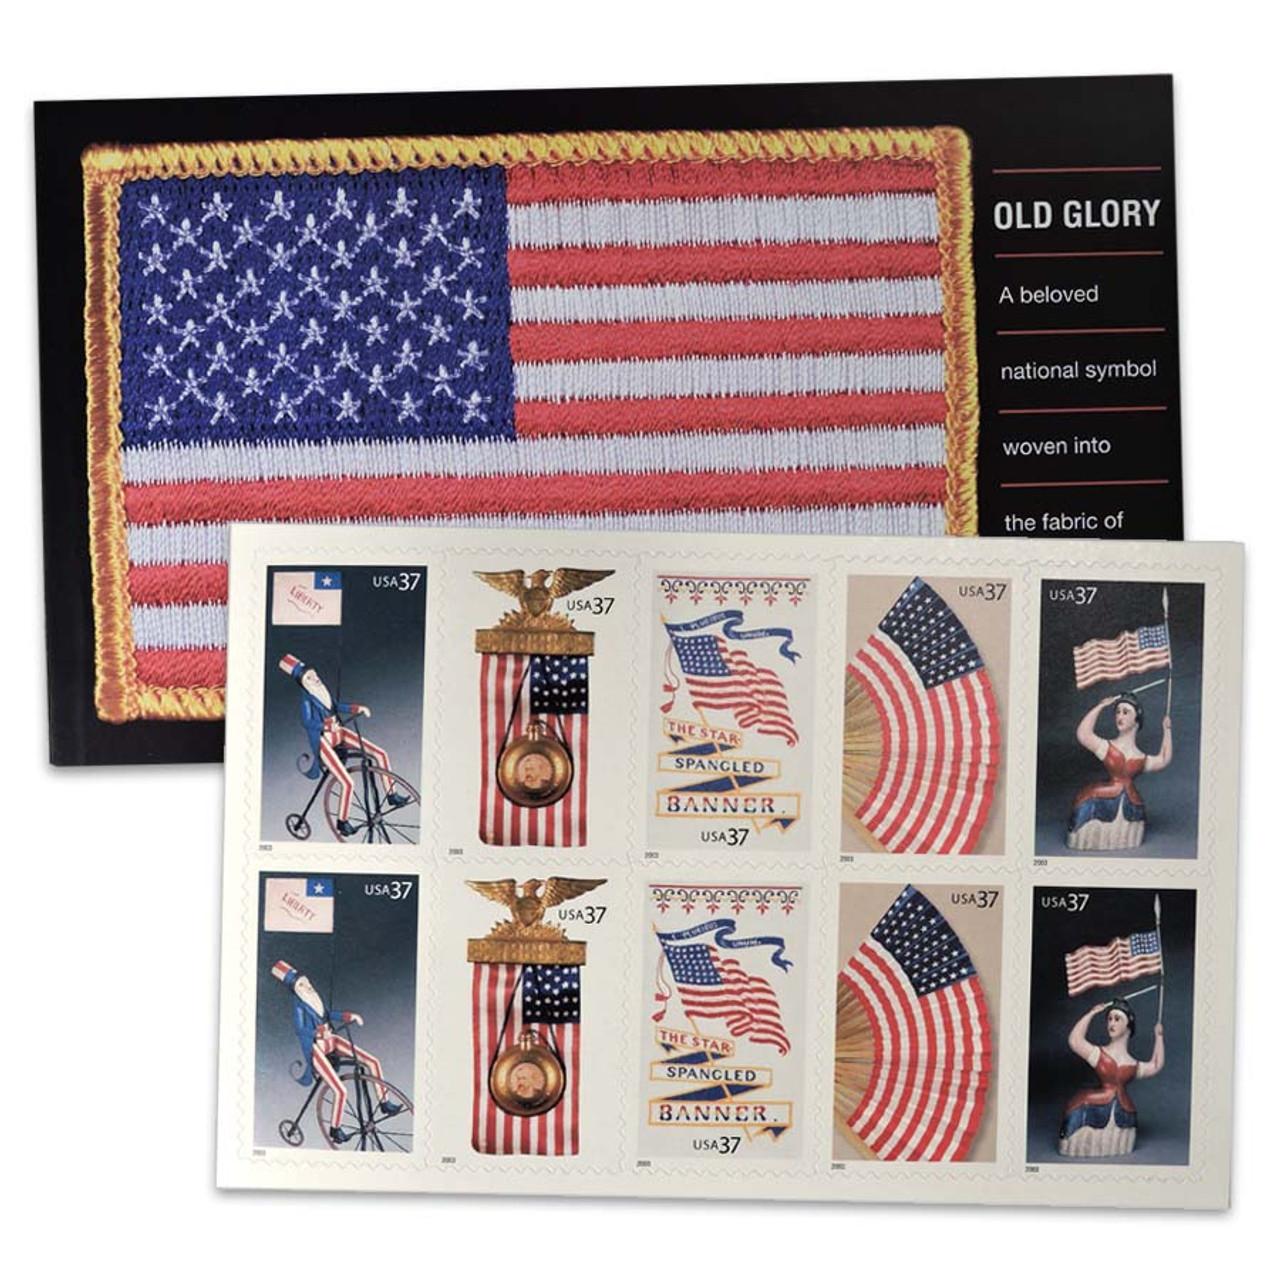 2003 Old Glory Prestige Stamp Booklet